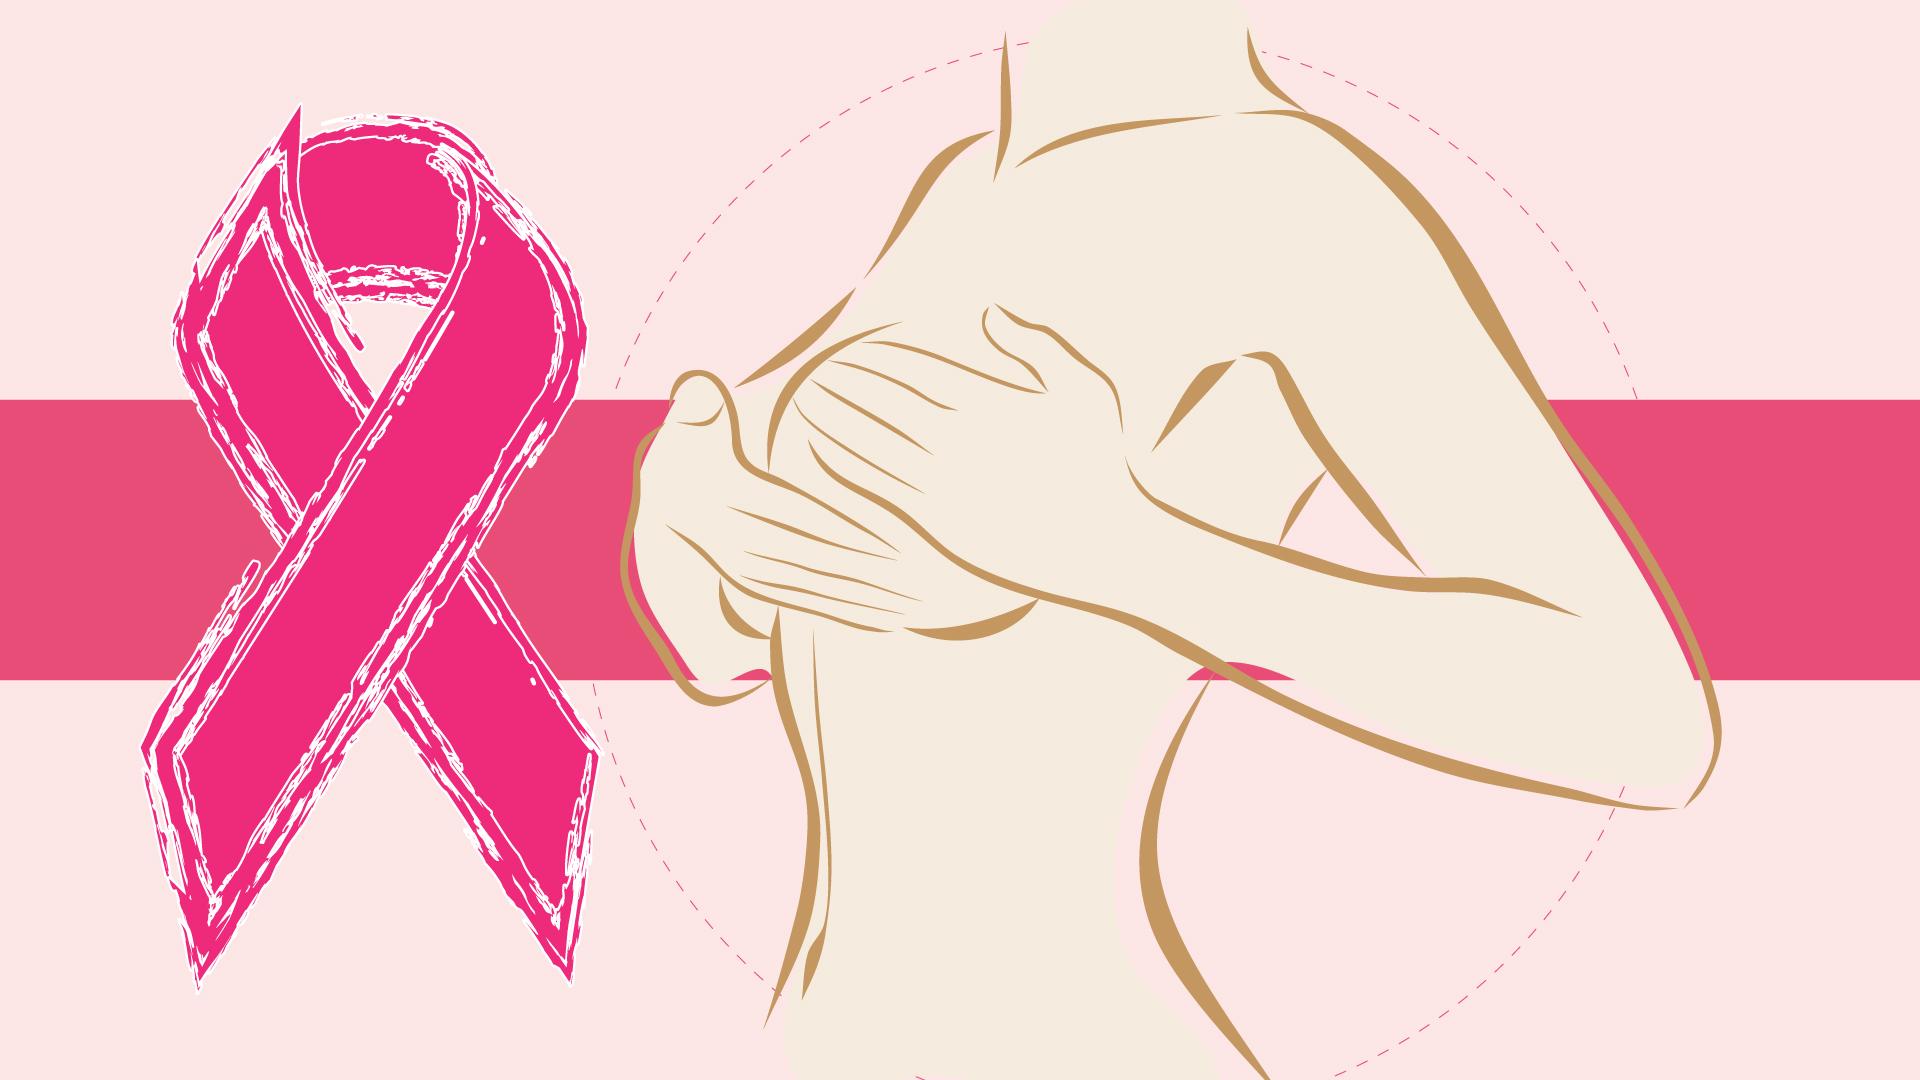 El mes de octubre es el mes del Cáncer de Mama y hay que recordar los cuidados